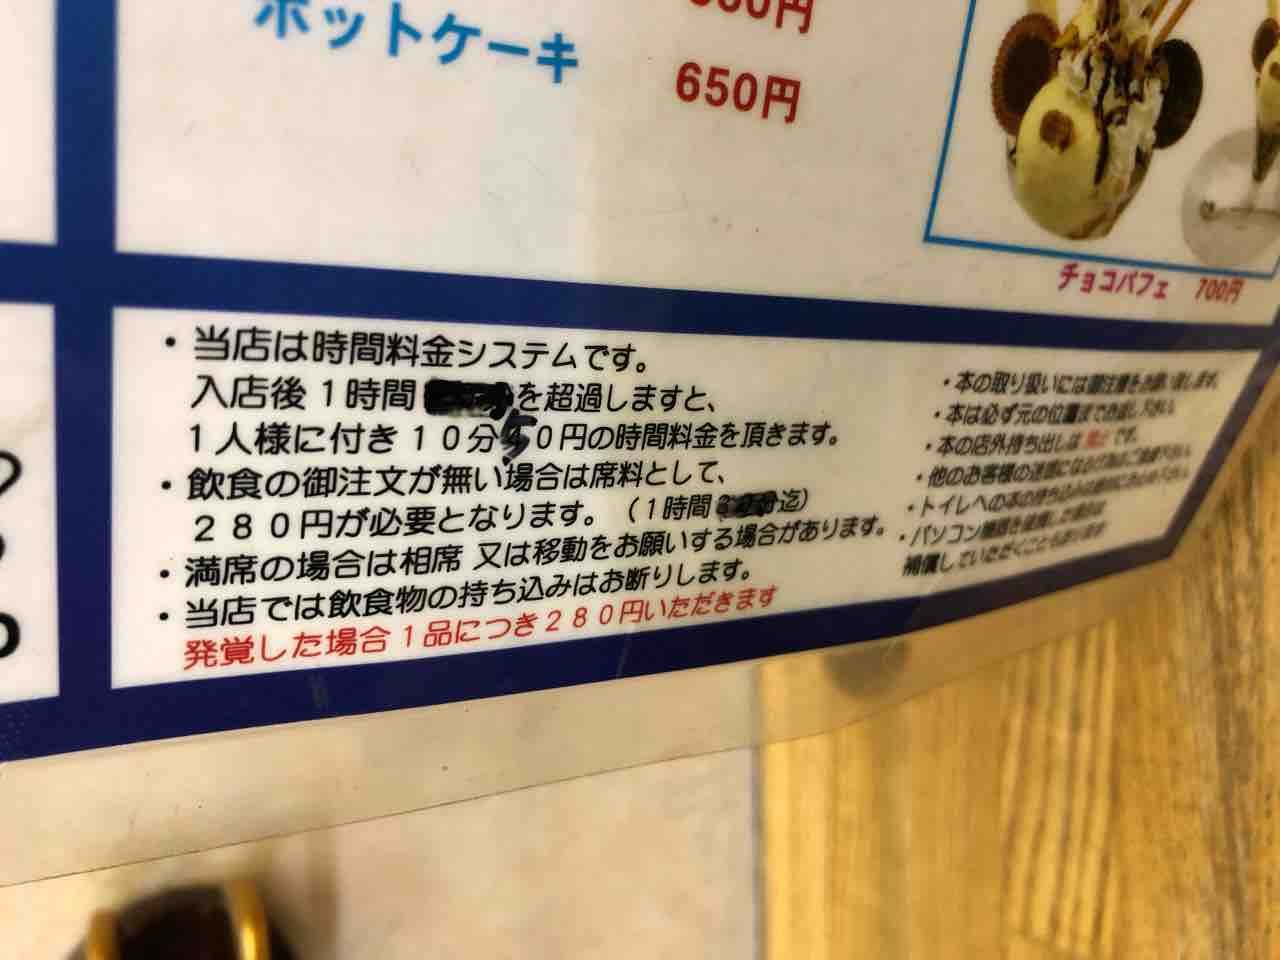 『まんが喫茶マグネット(MAGnet)』